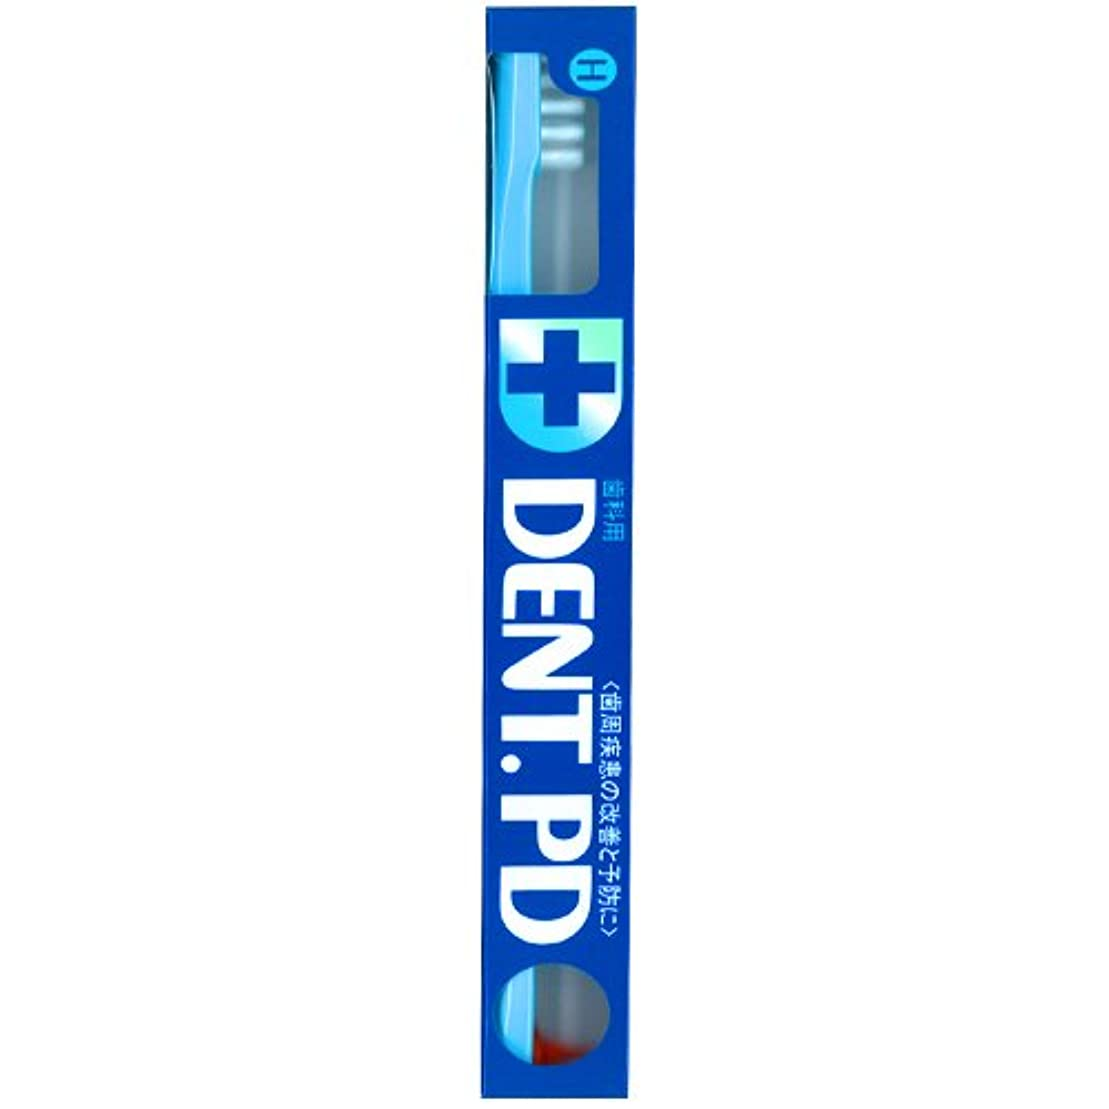 適用する耐える乱闘ライオン DENT.PD歯ブラシ 1本 H (ブルー)